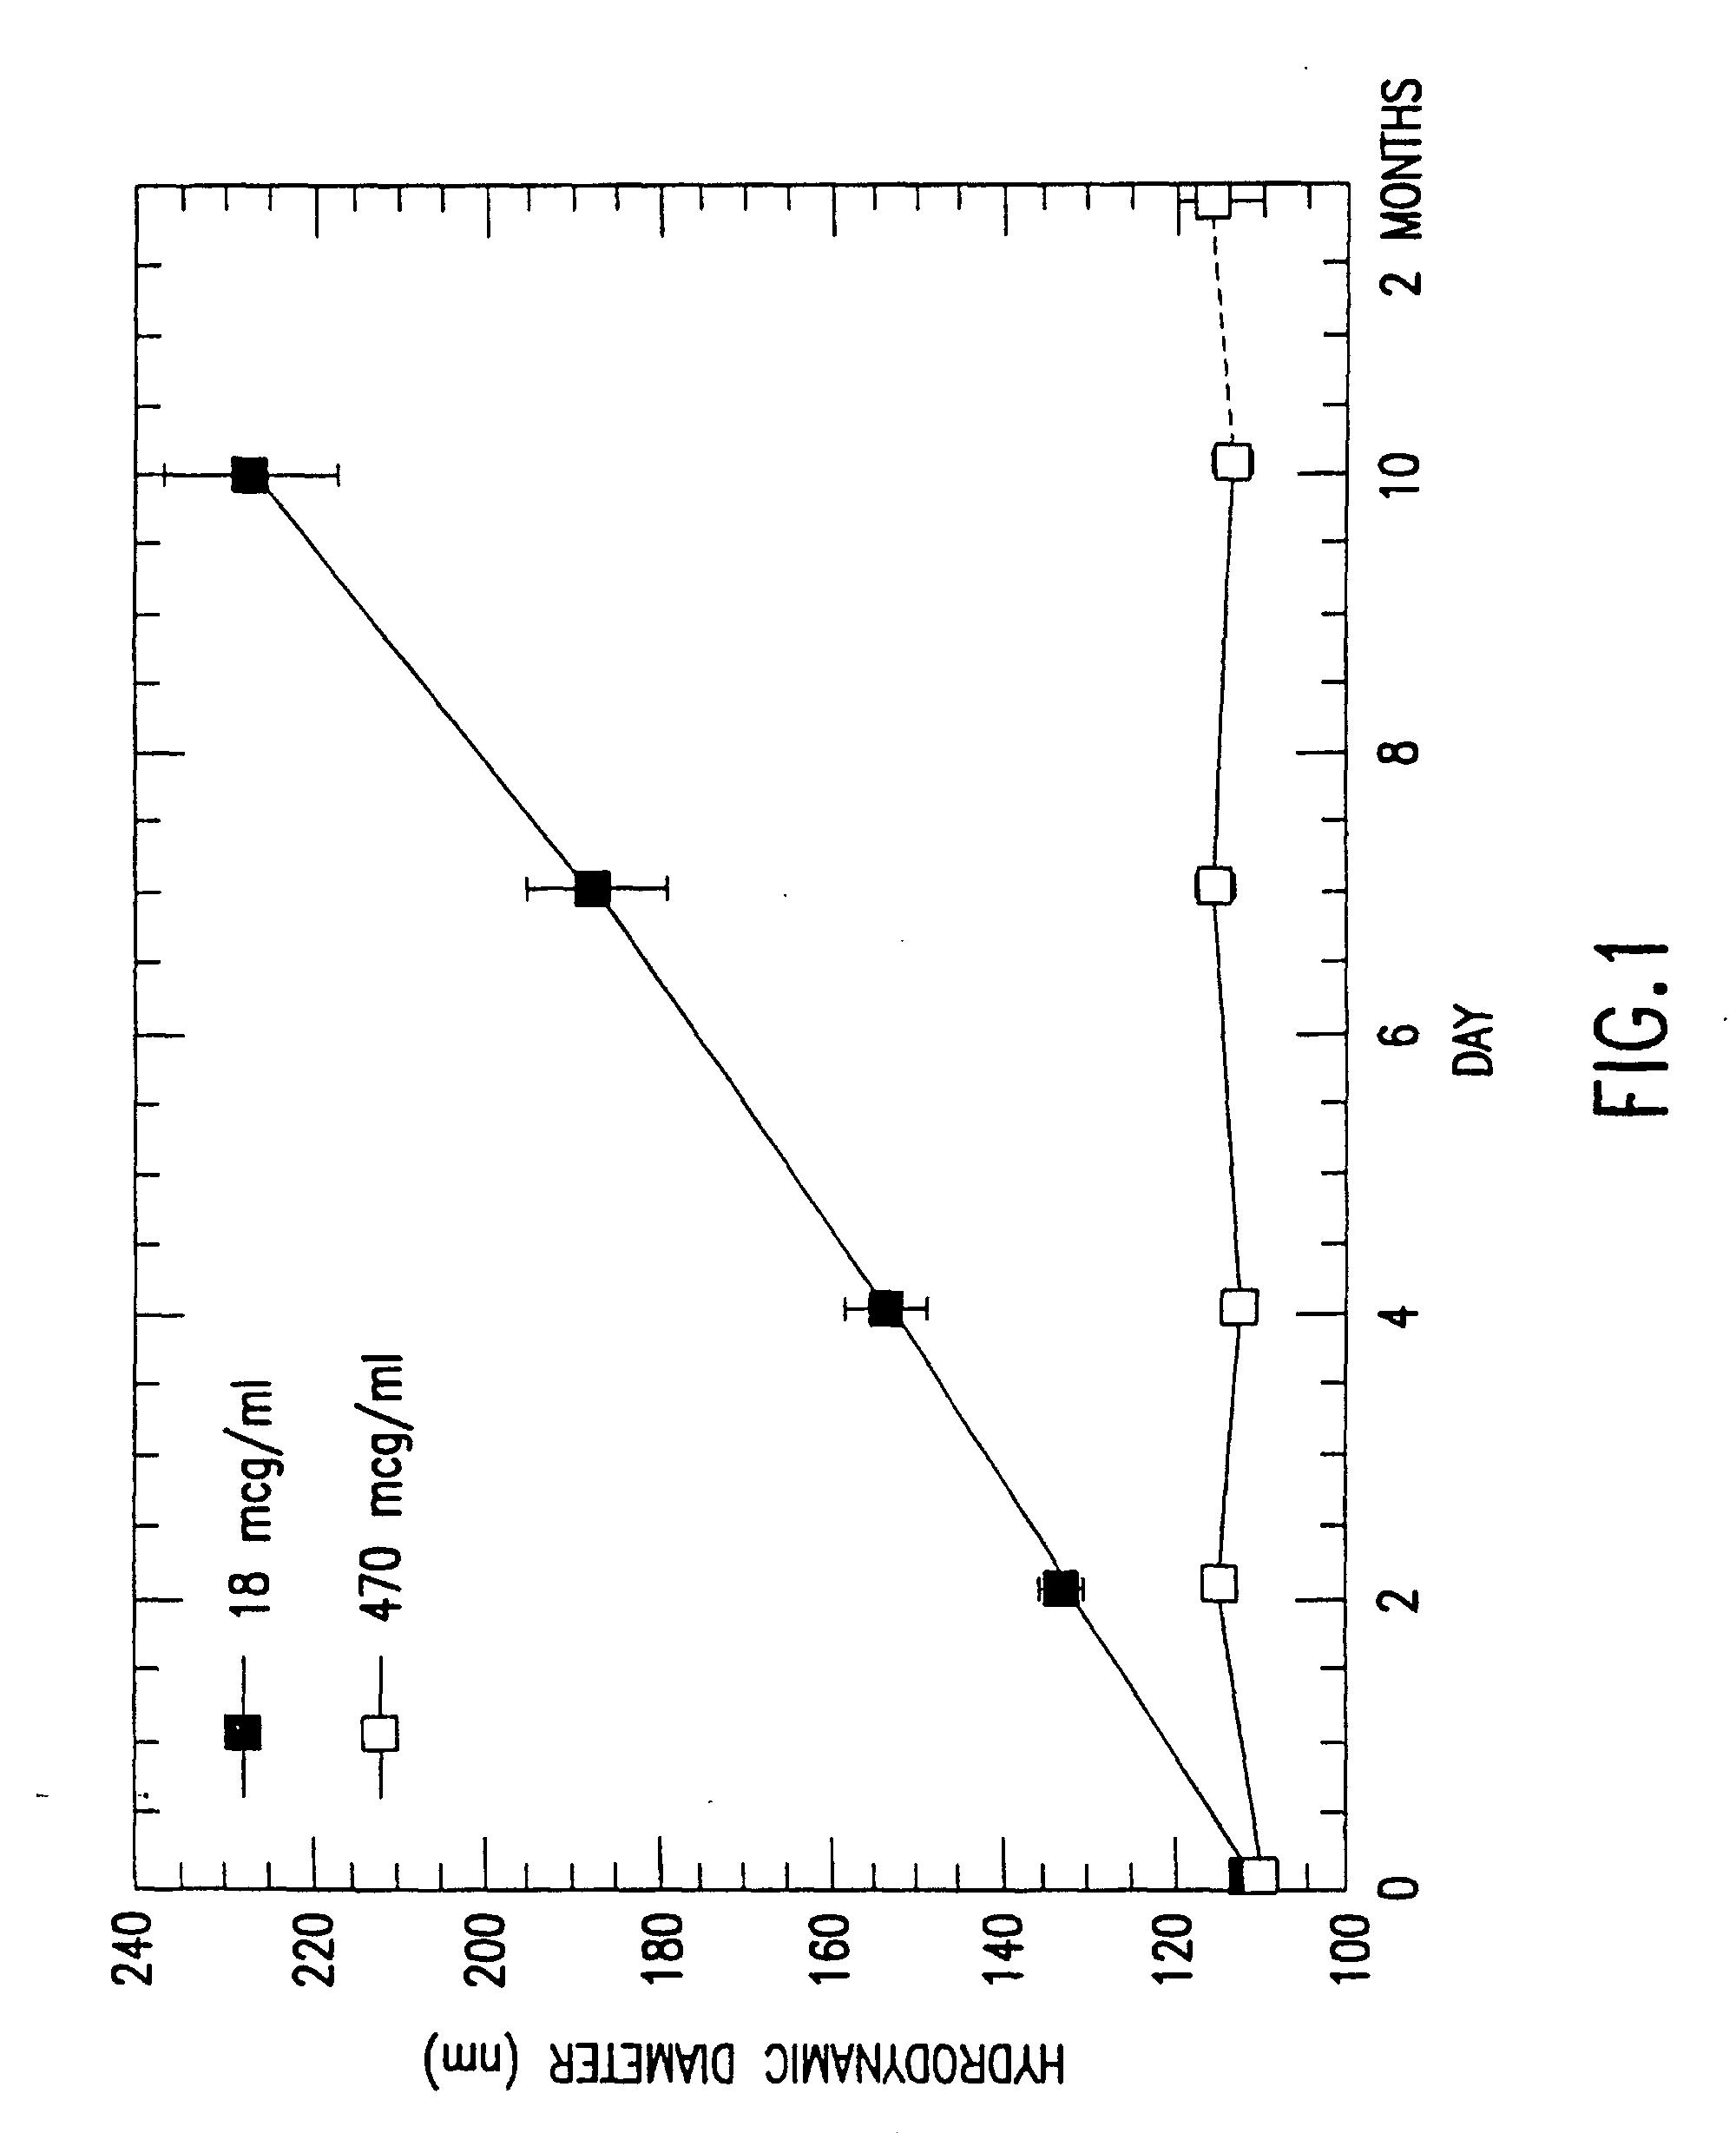 condyloma acuminata cmu